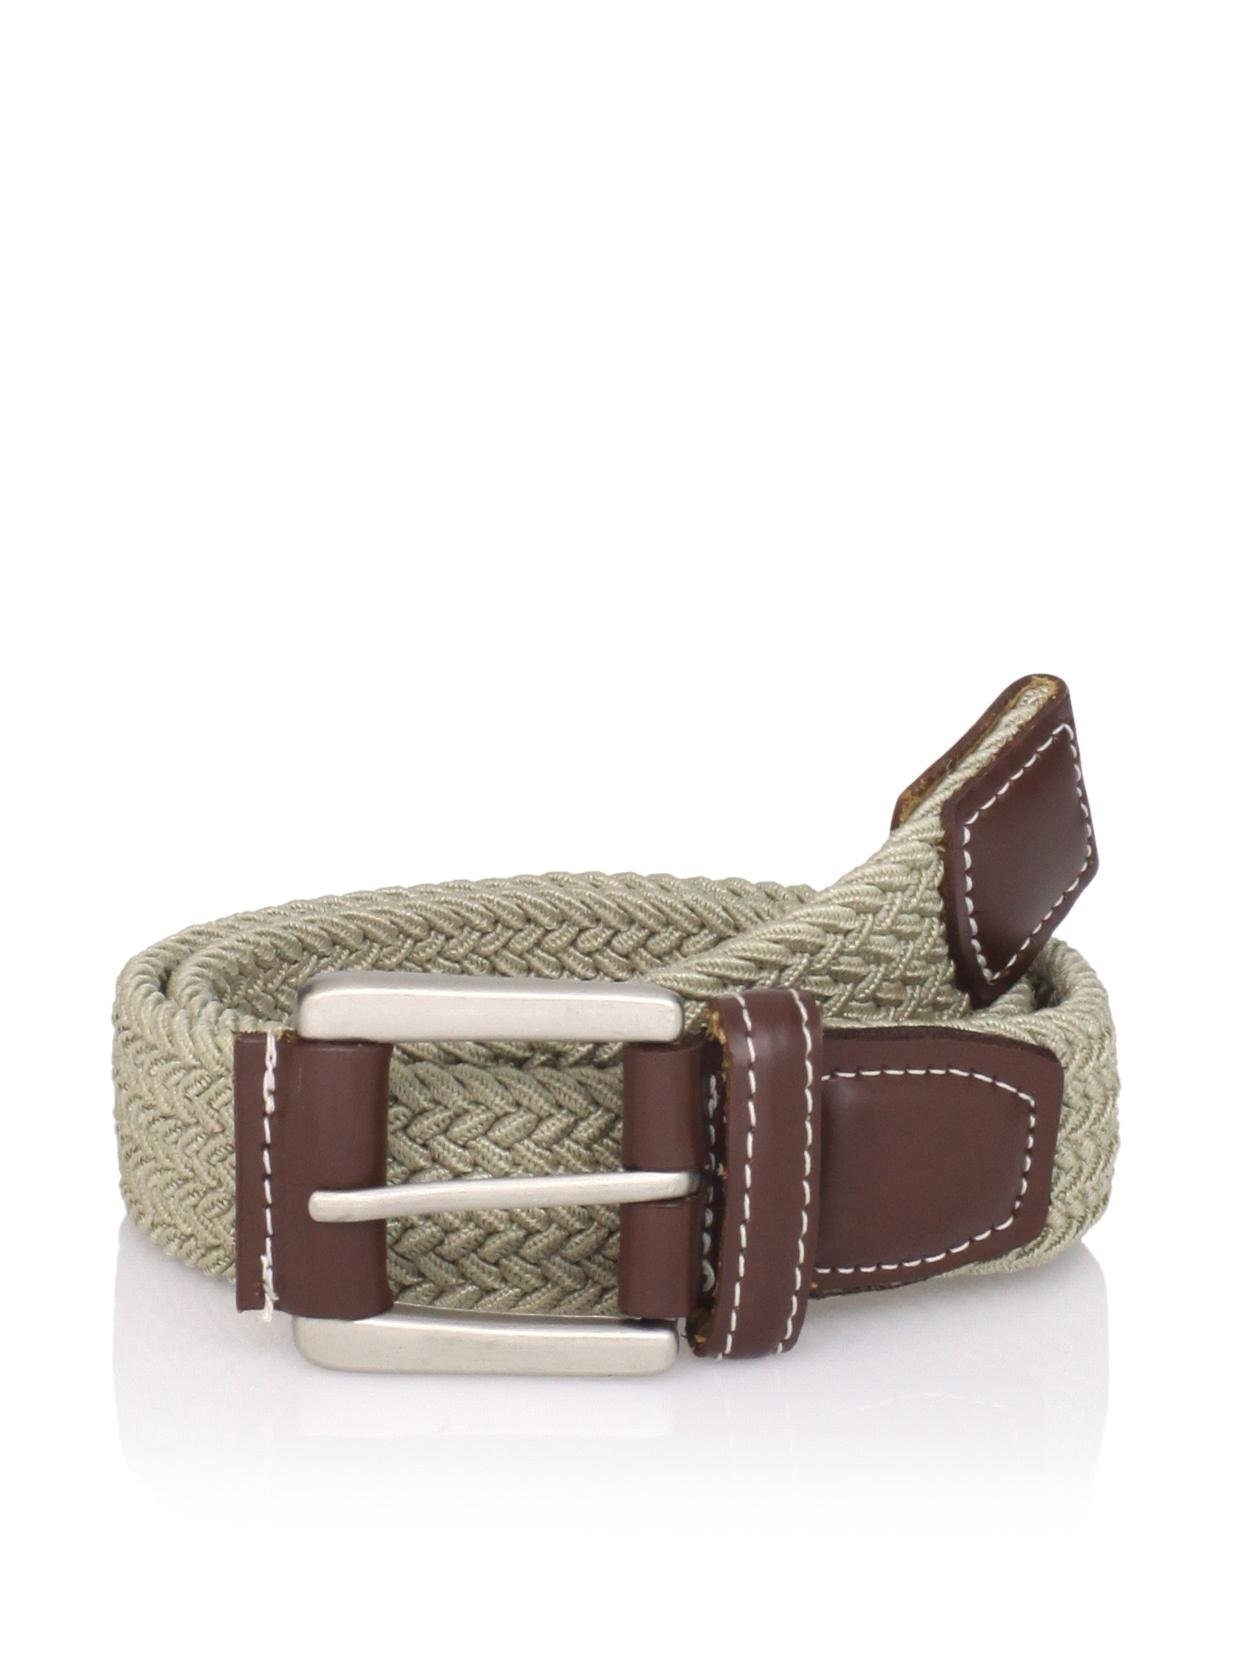 Ike Behar Boy's Casual Woven Belt (Khaki)